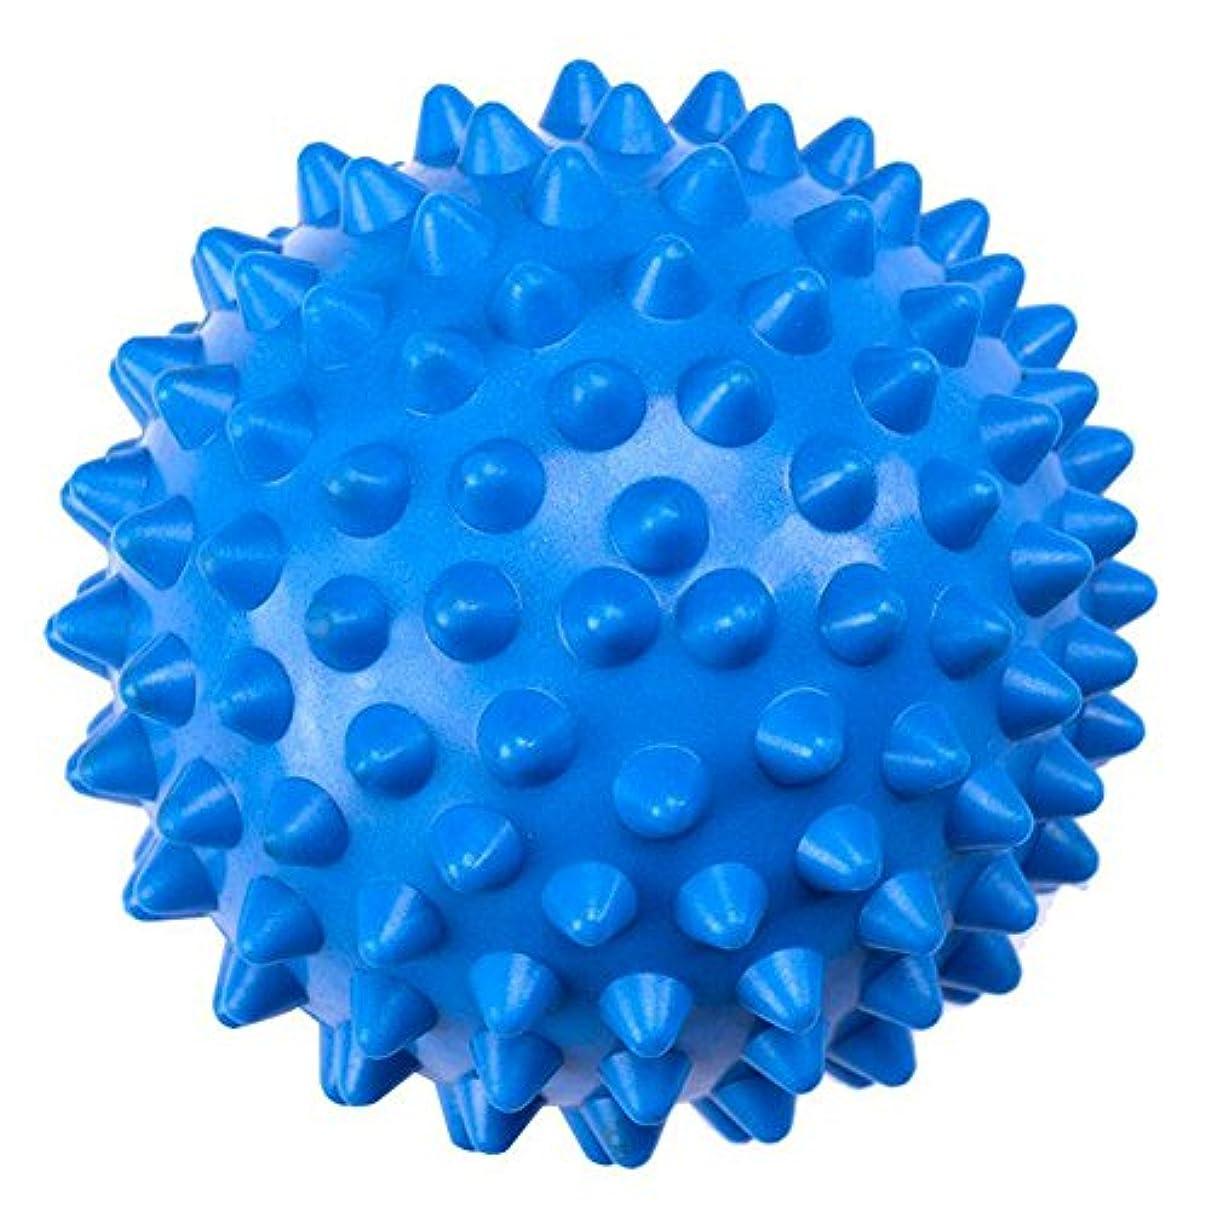 無限大ジーンズあそこHiCollie マッサージボール 触覚ボール リフレックスボール トレーニングボール ポイントマッサージ 筋筋膜リリース 筋肉緊張和らげ 血液循環促進 6cm